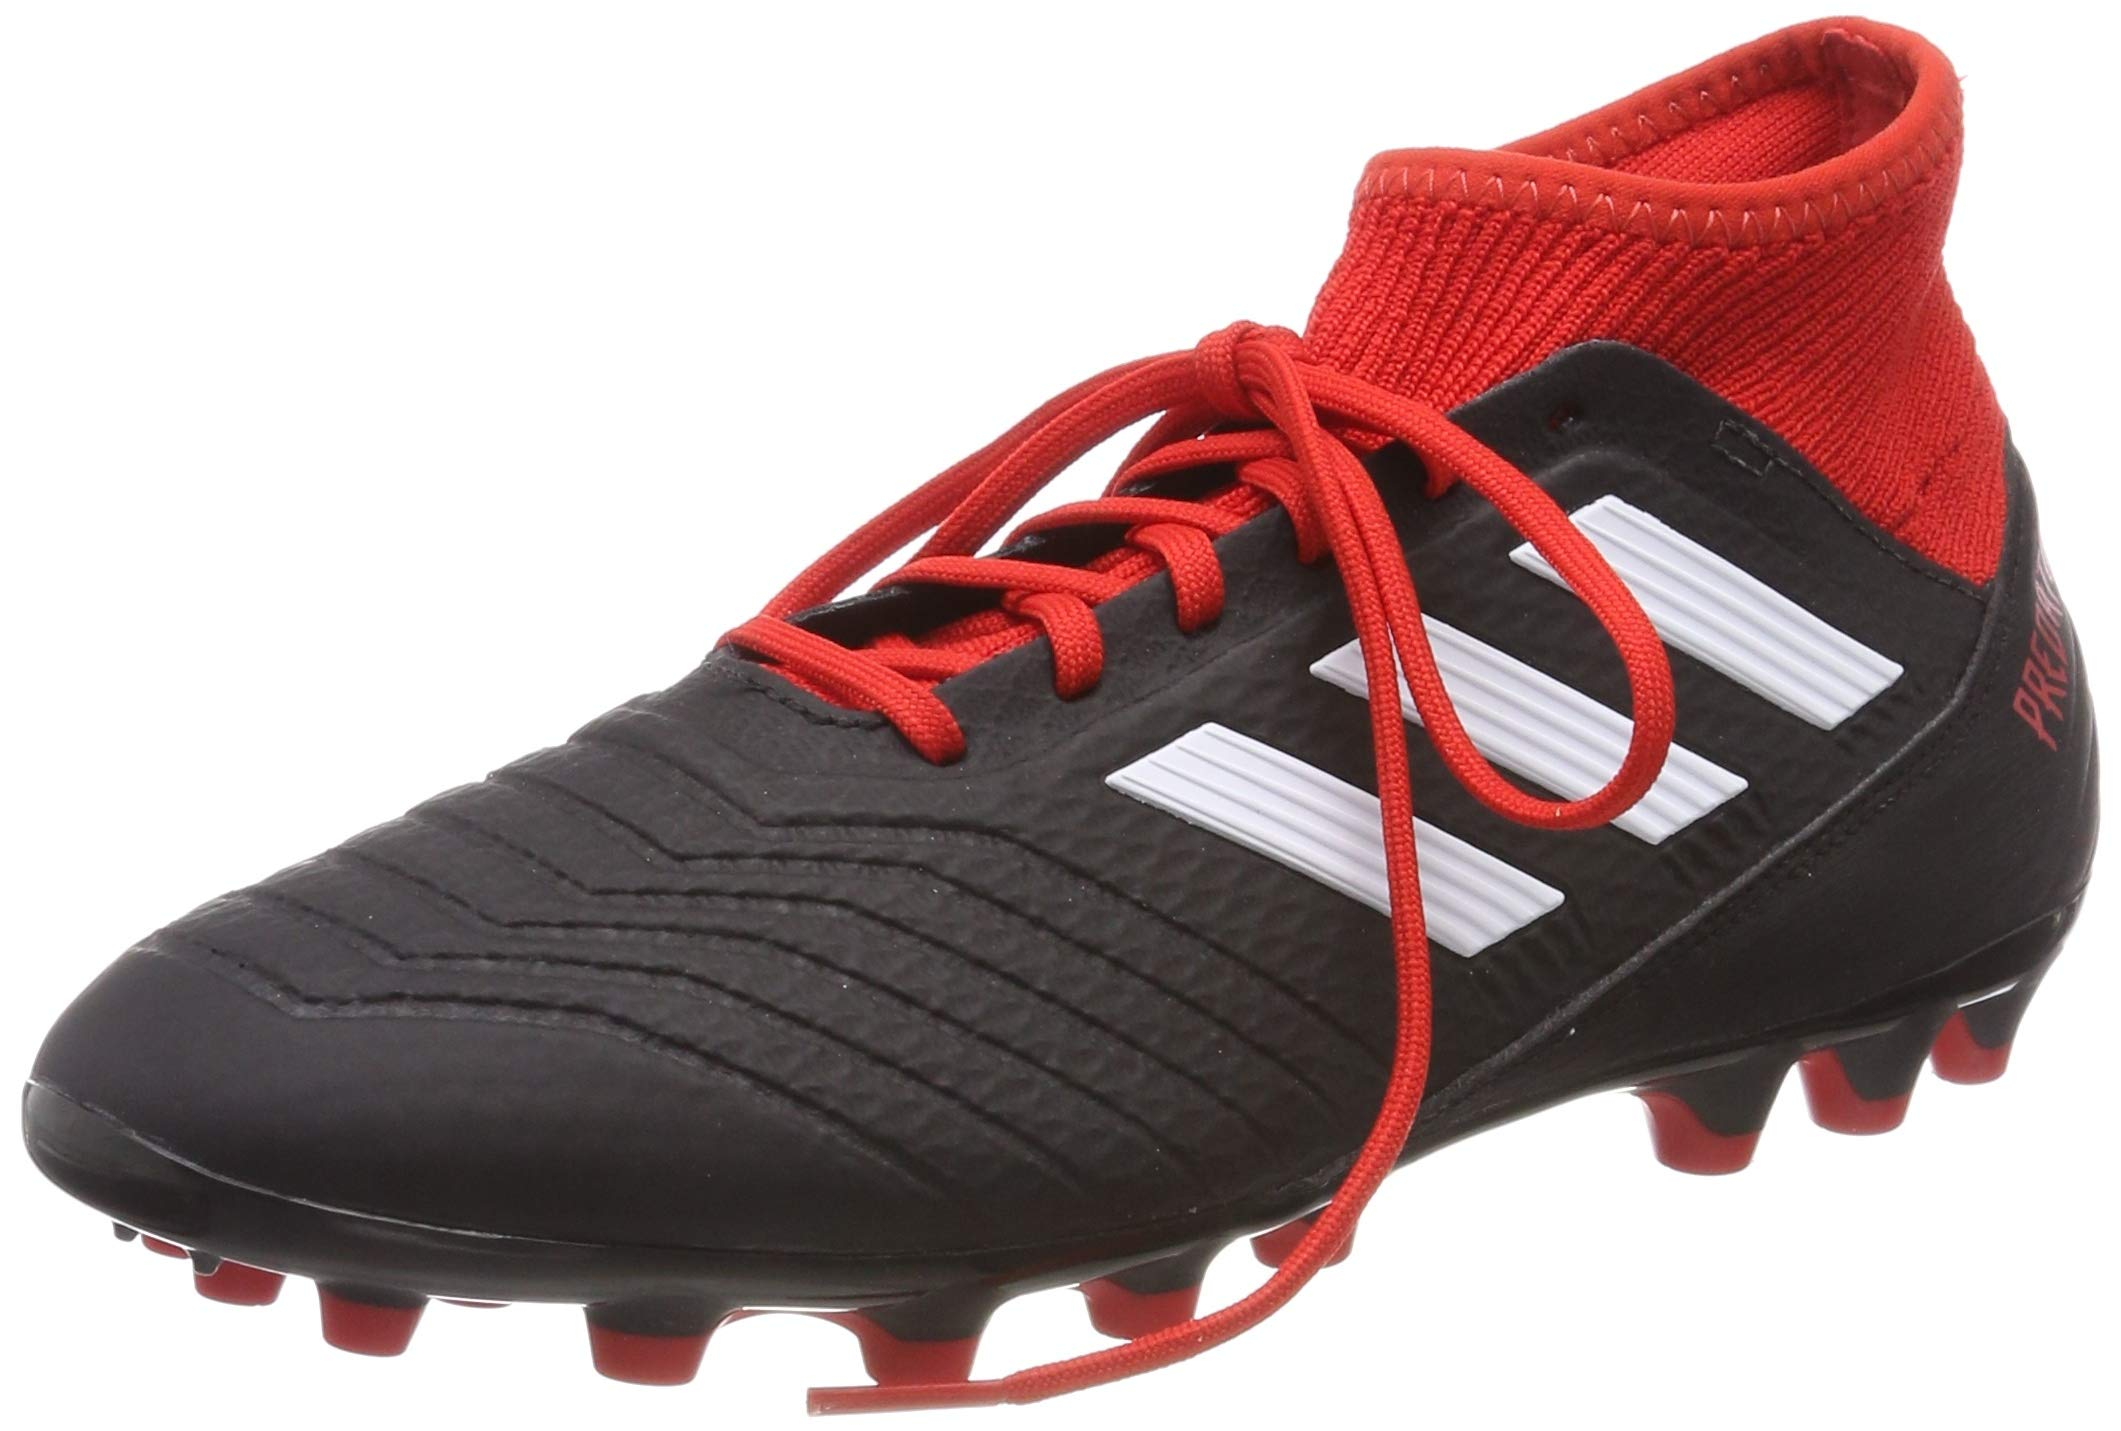 a05493da Mejor valorados en Calzado de fútbol para hombre & Opiniones útiles ...